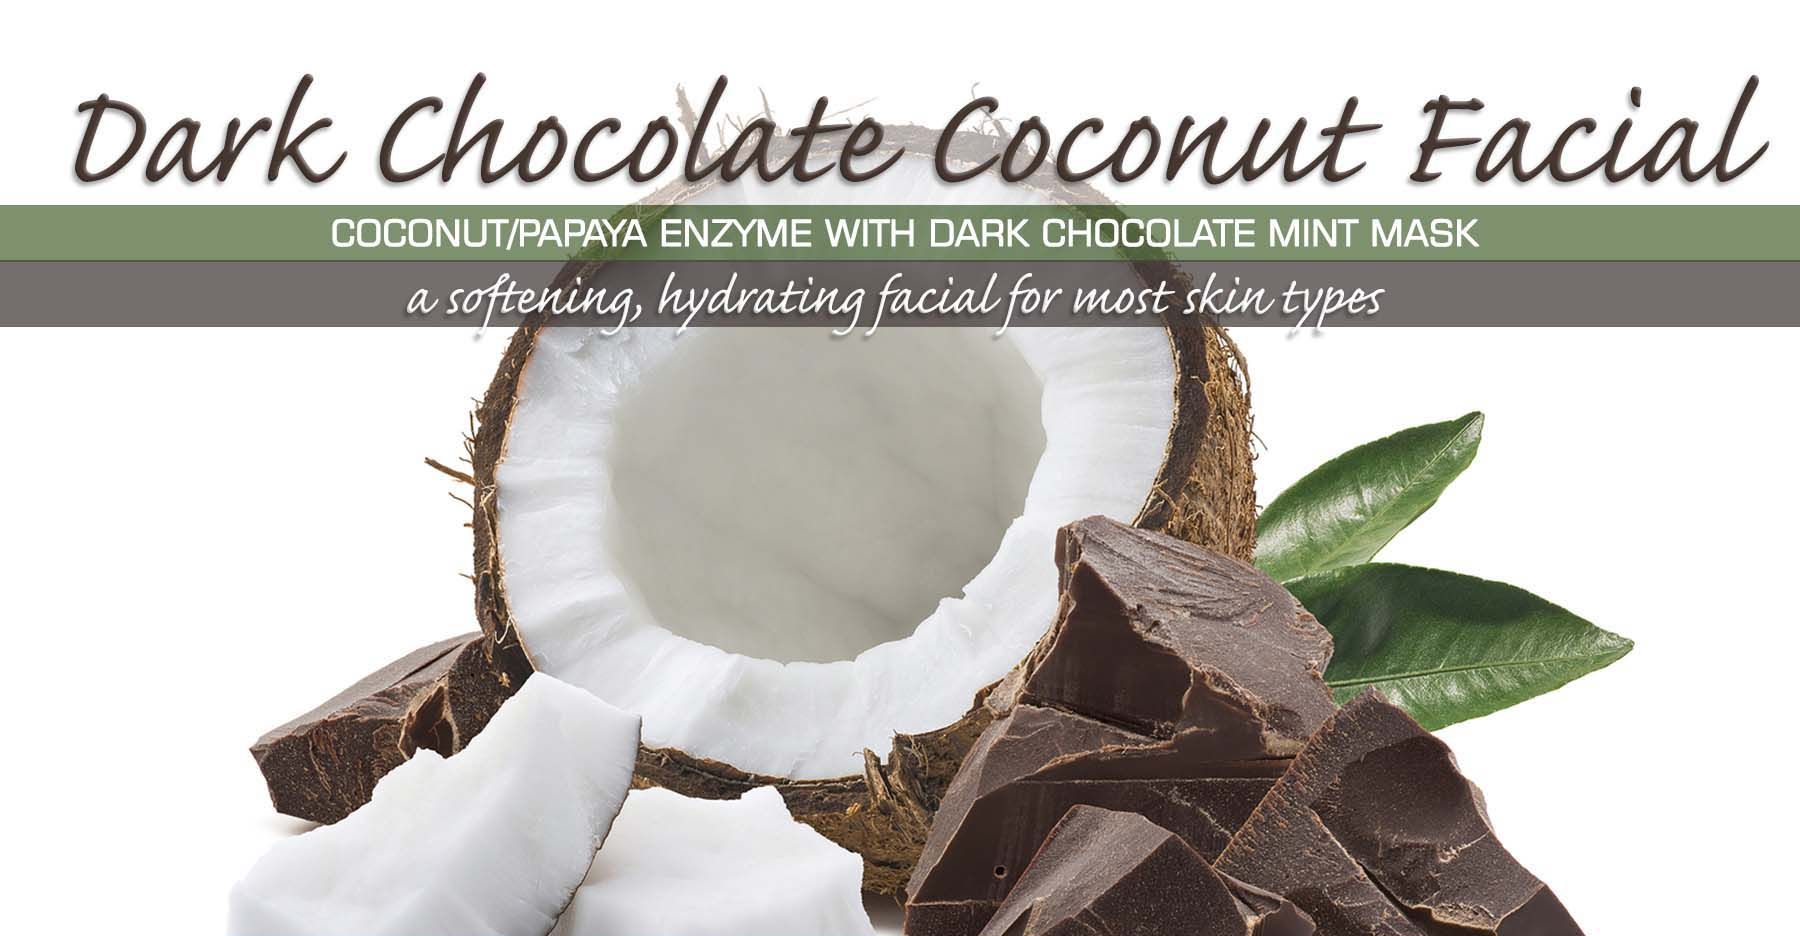 DarkChocolateCoconutFacial_4x6_LR